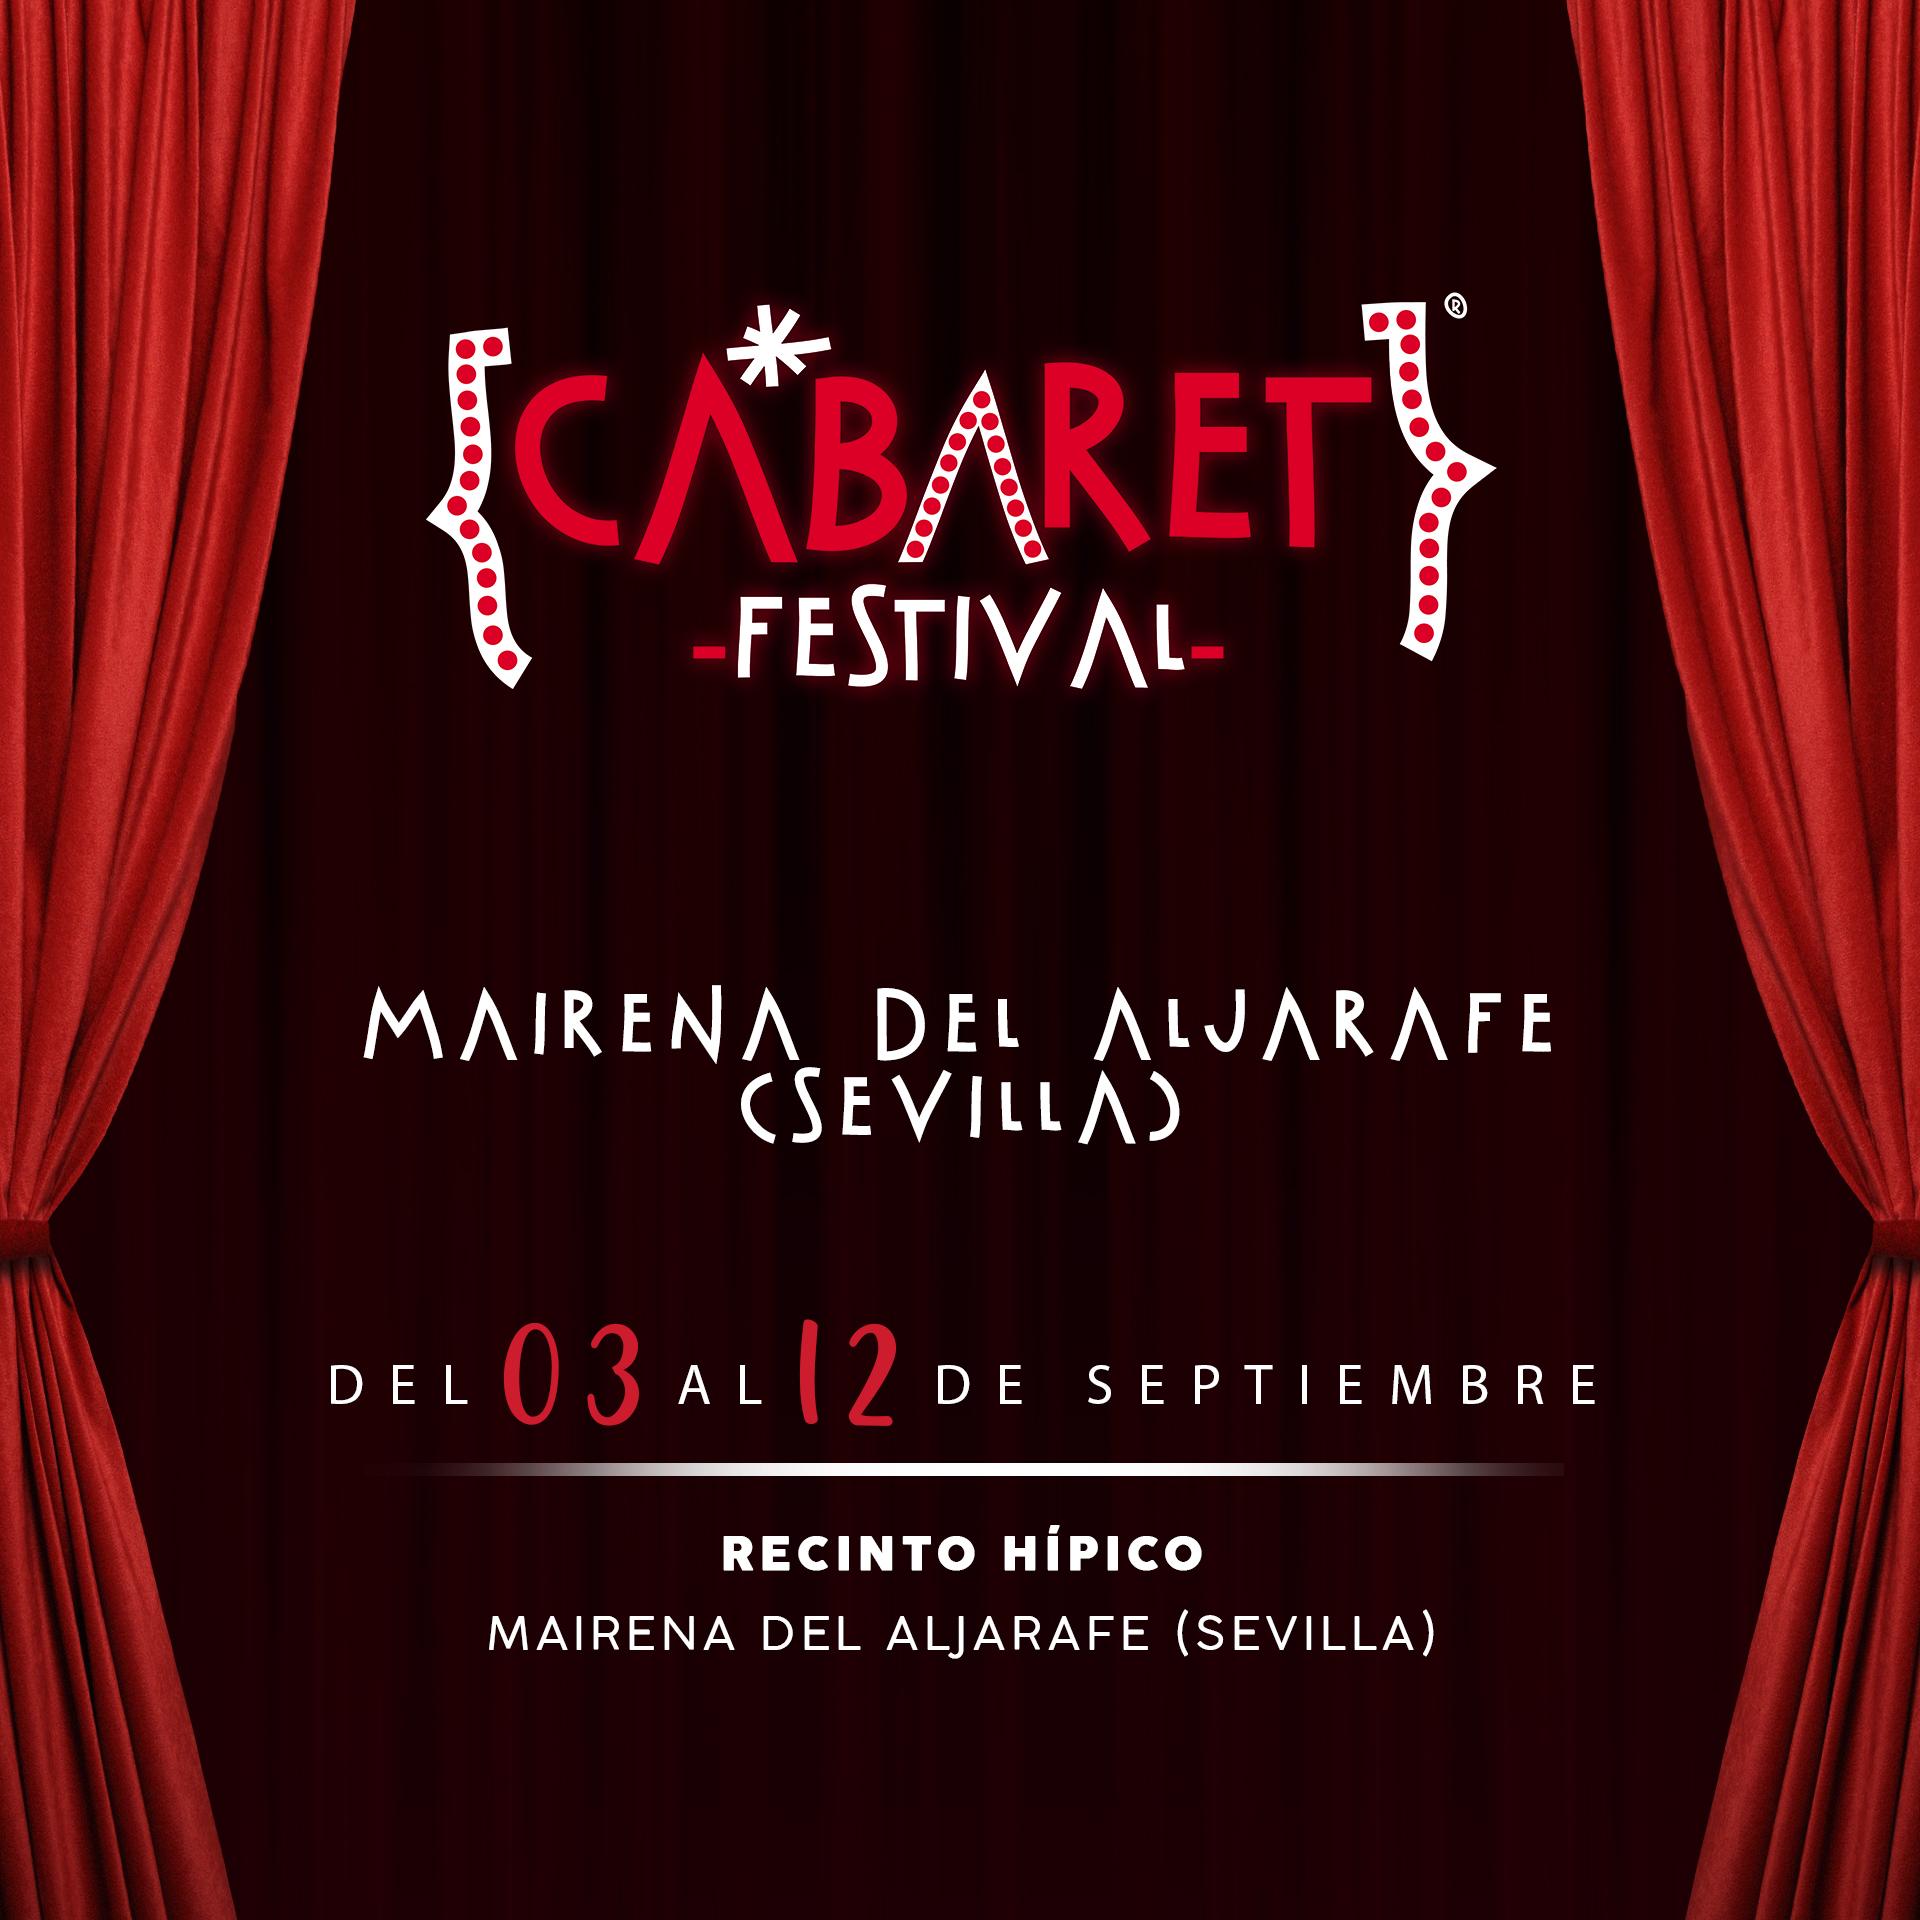 Cabaret Festival anuncia una semana de conciertos y espectáculos en la localidad sevillana de Mairena Del Aljarafe, en un ciclo que tendrá lugar del 03 al 12 de septiembre